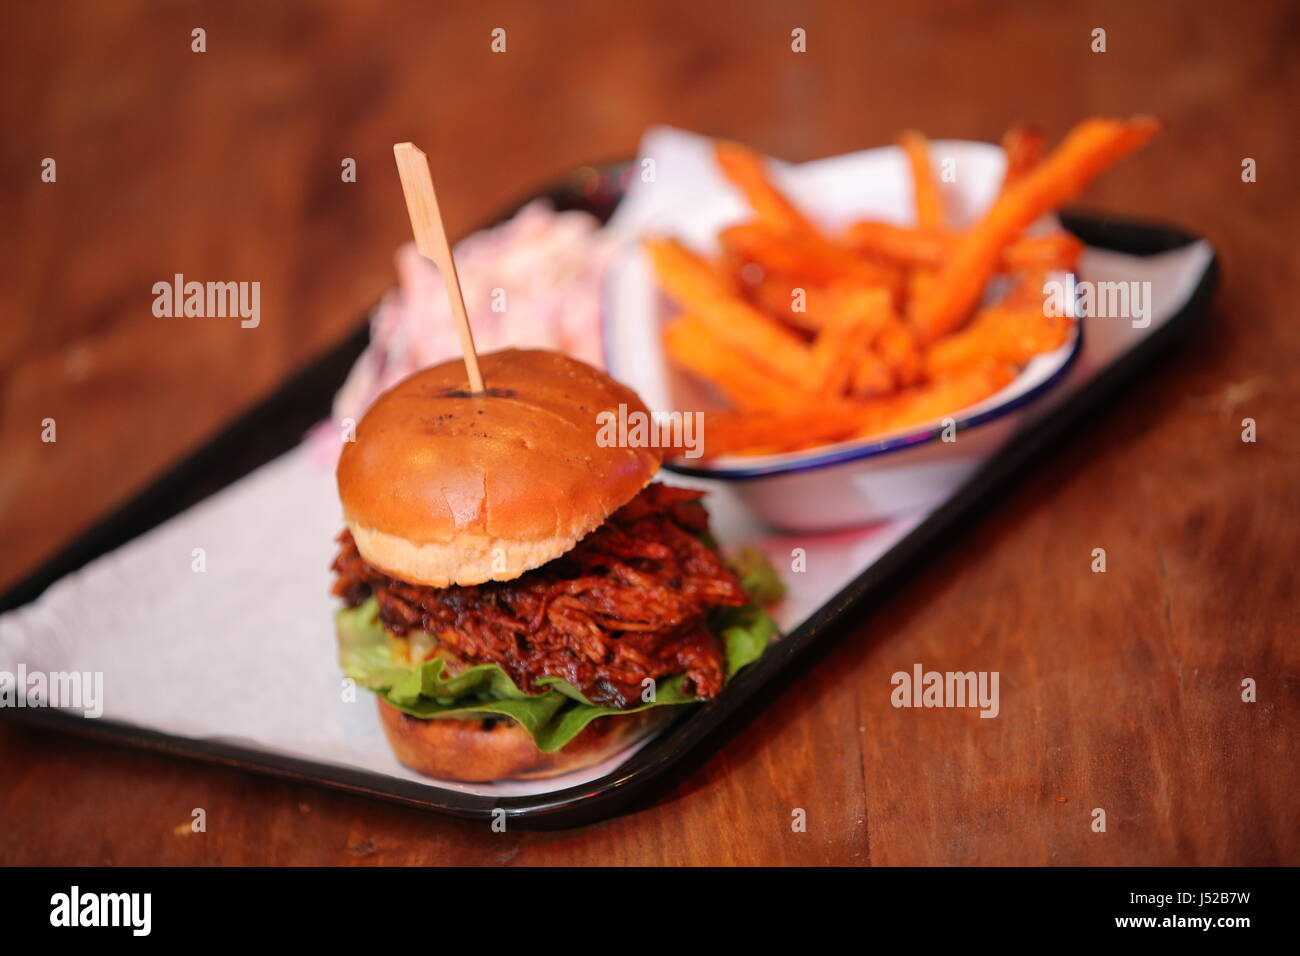 Un burger de porc. Photo Stock